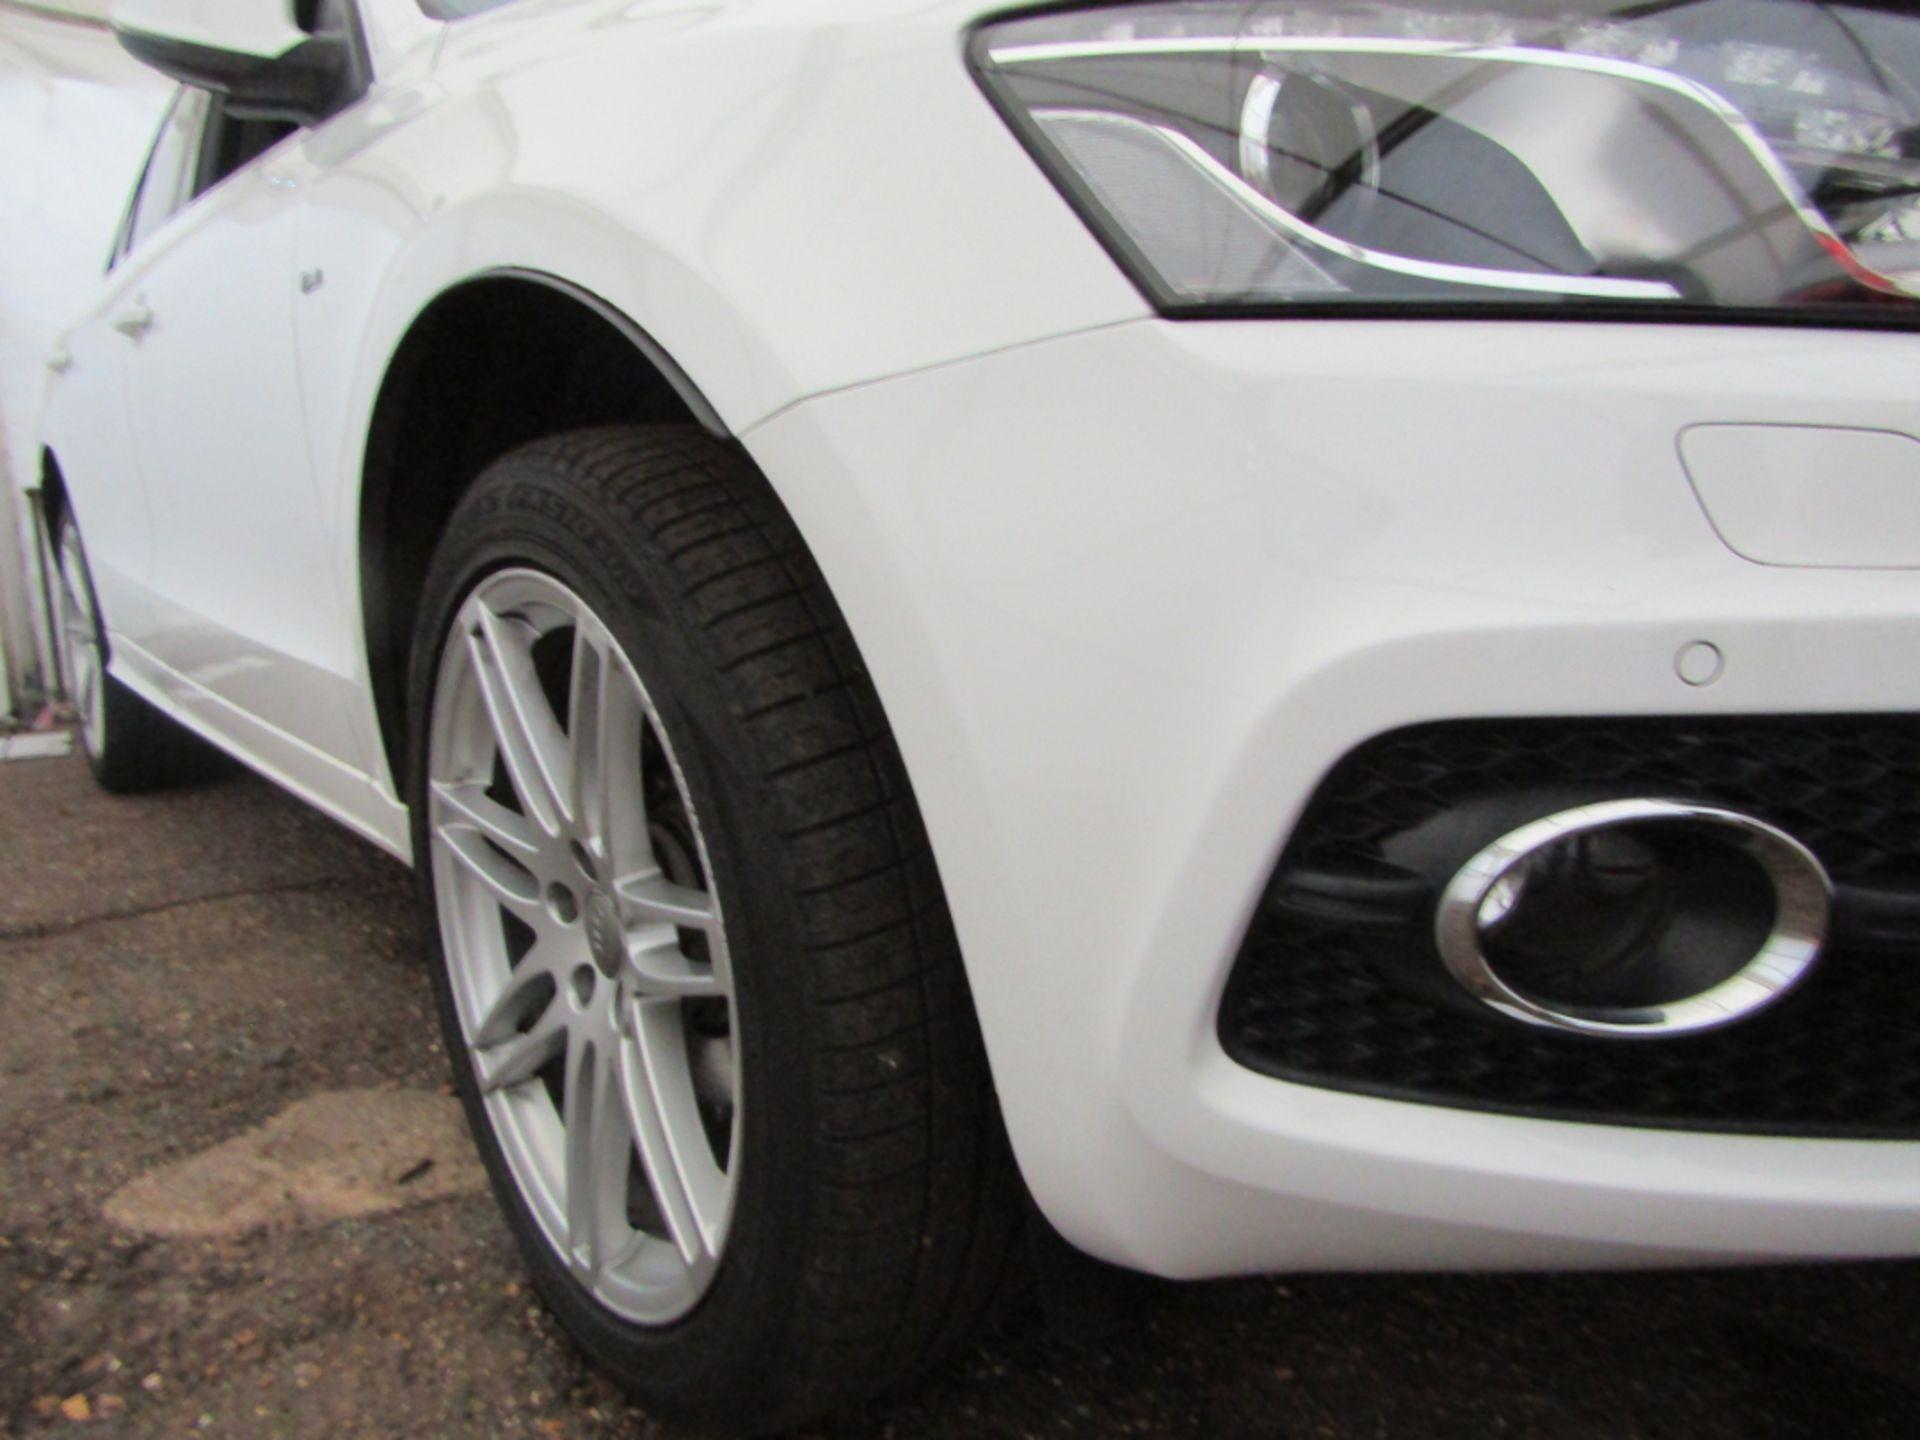 09 09 Audi Q5 S Line TFSI Quattro - Image 14 of 17